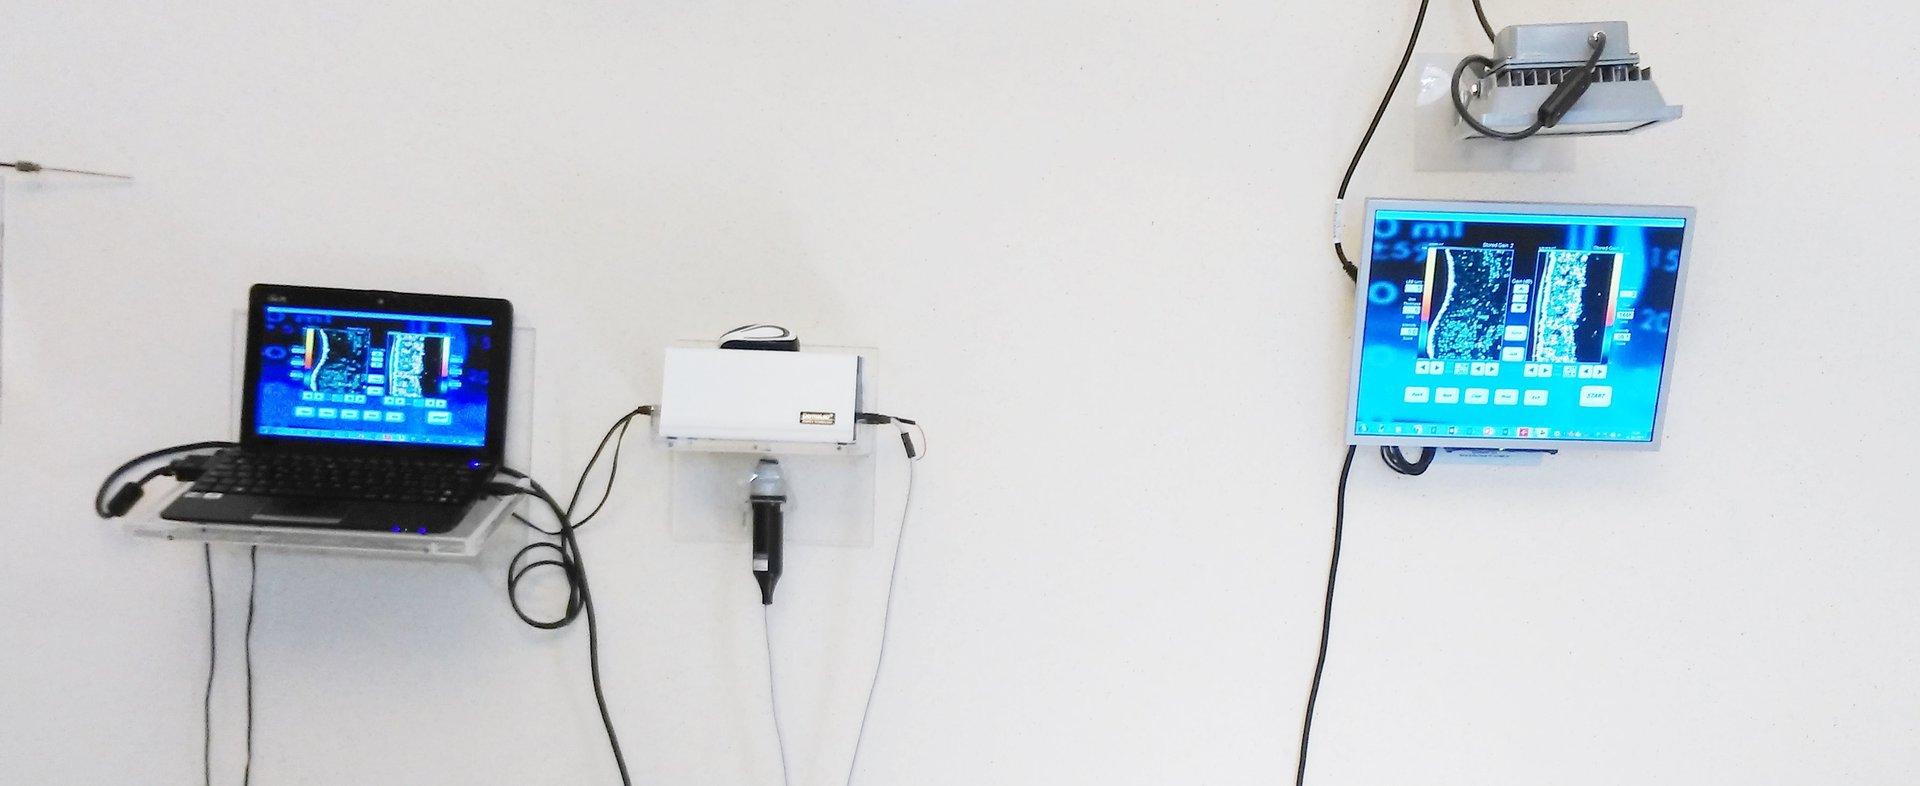 dei monitor ad una parete